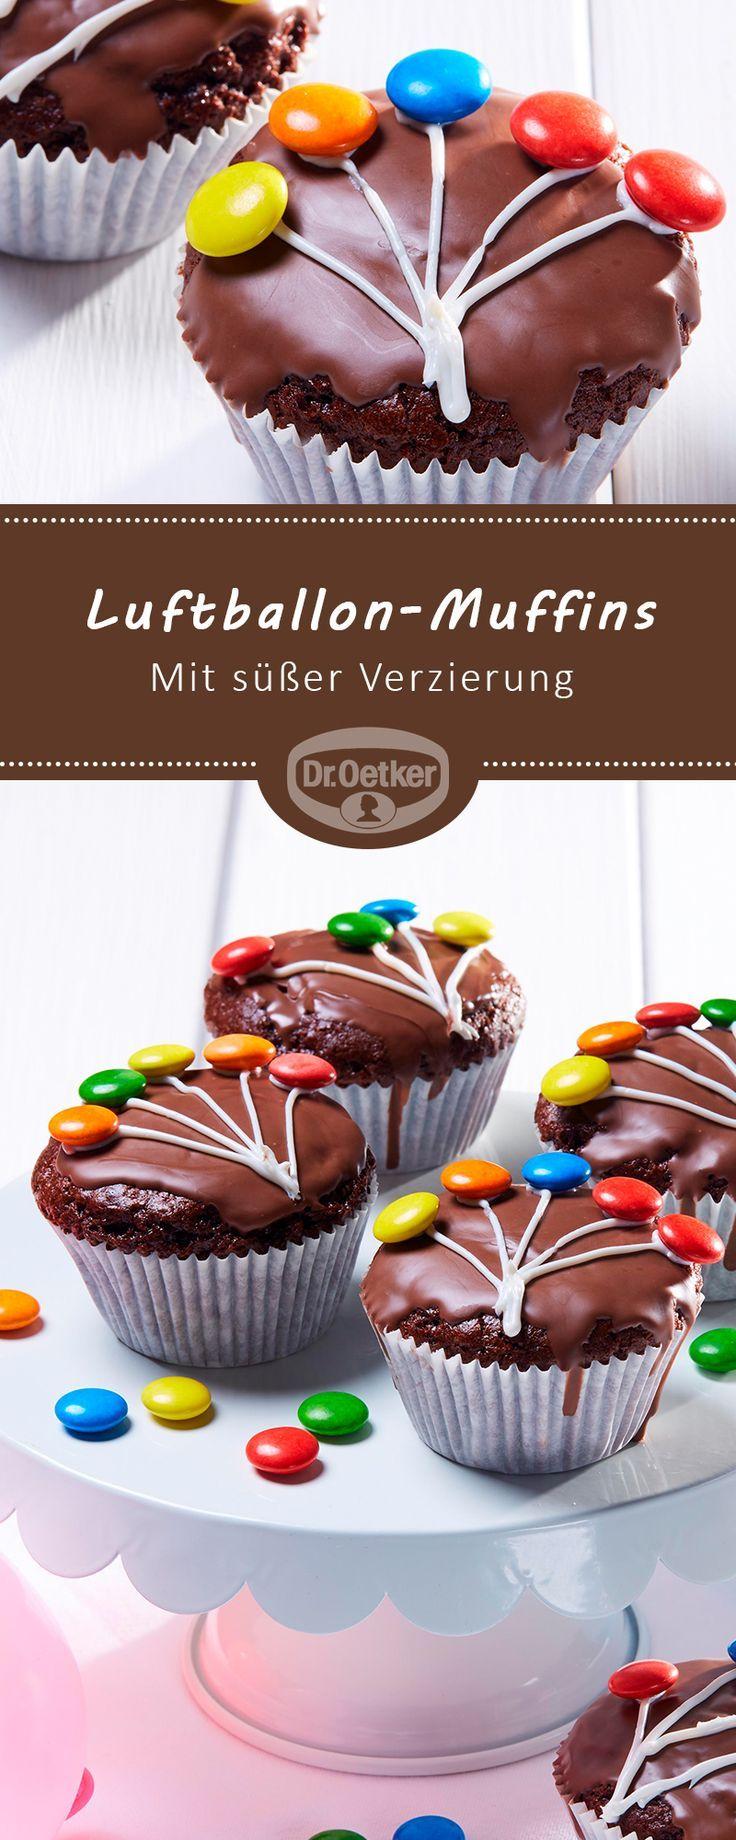 Luftballon-Muffins